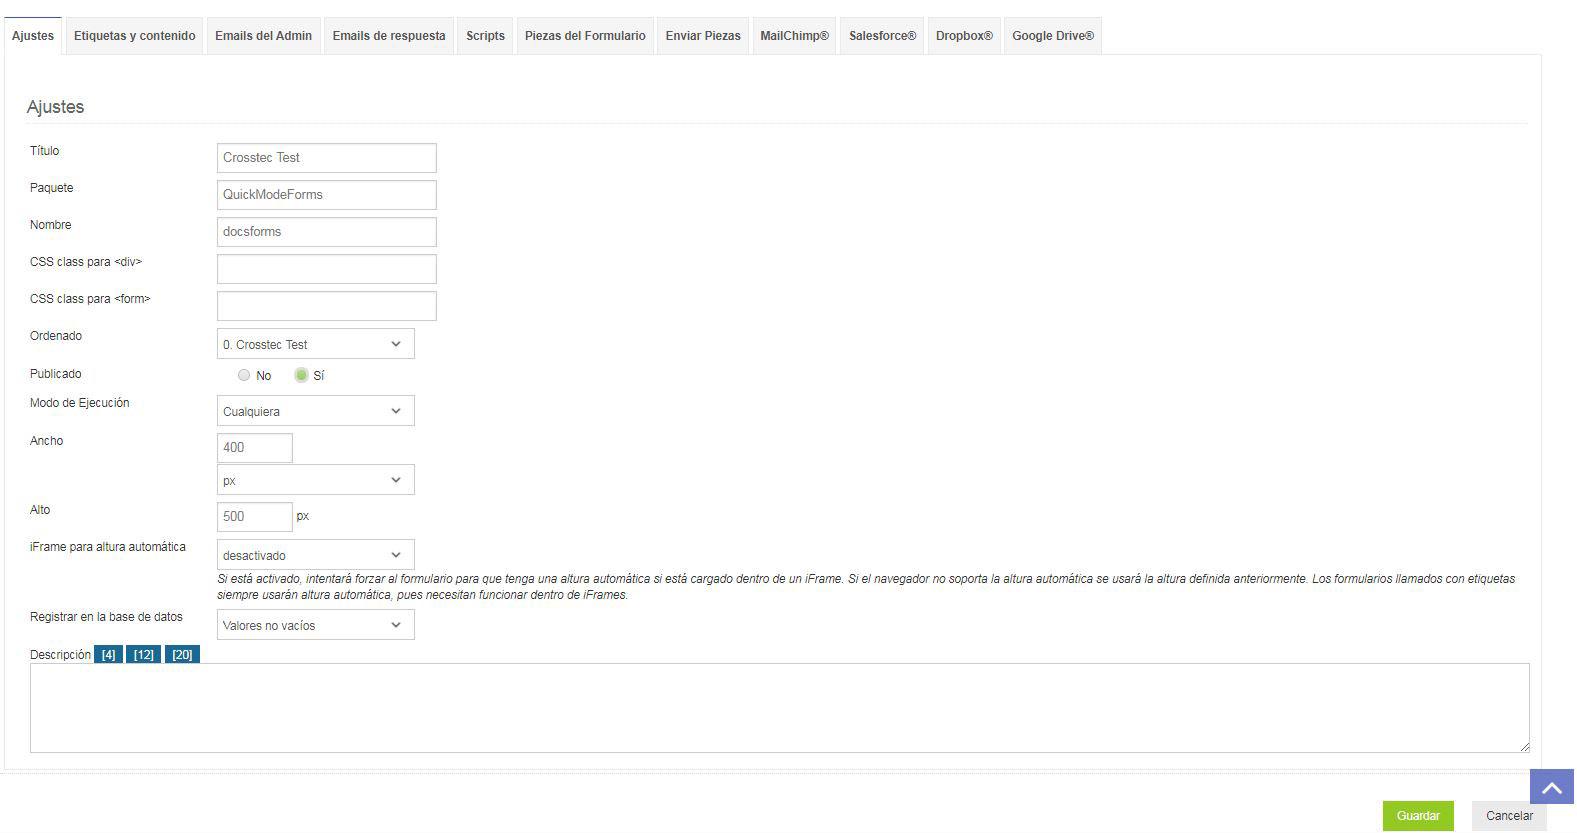 Ajustes del formulario - Crosstec